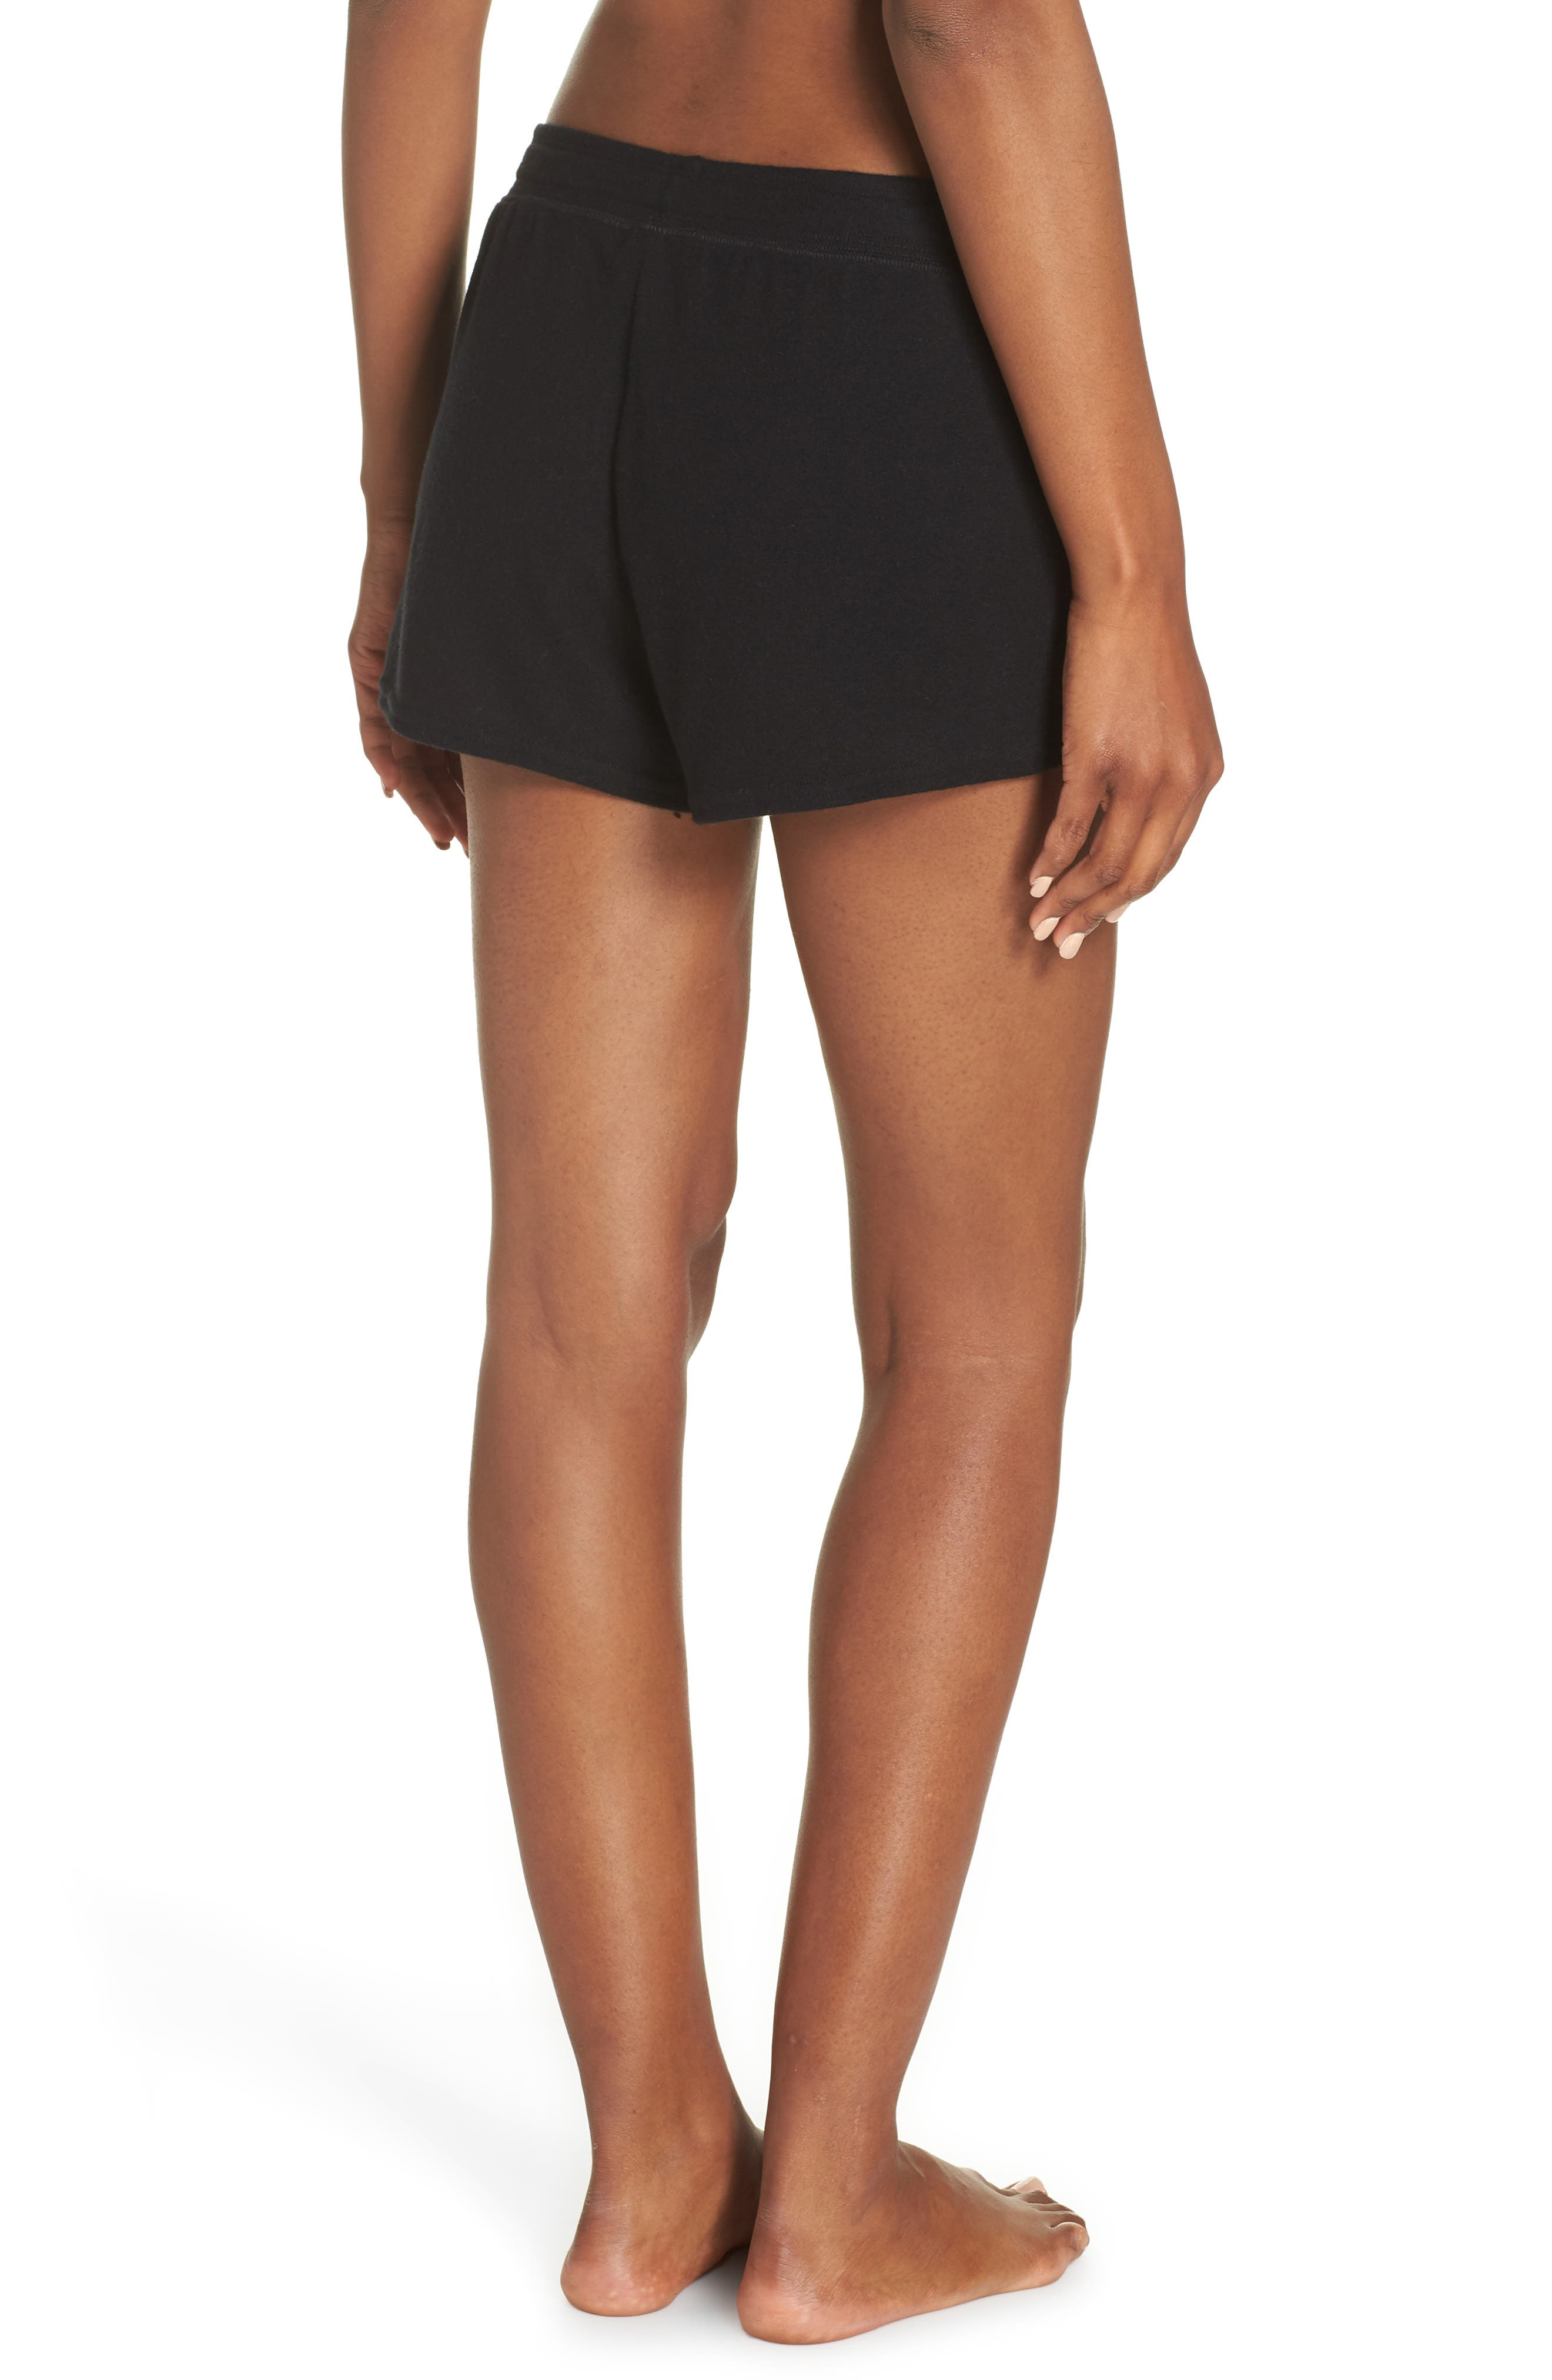 Daze Shorts,                             Alternate thumbnail 2, color,                             BLACK